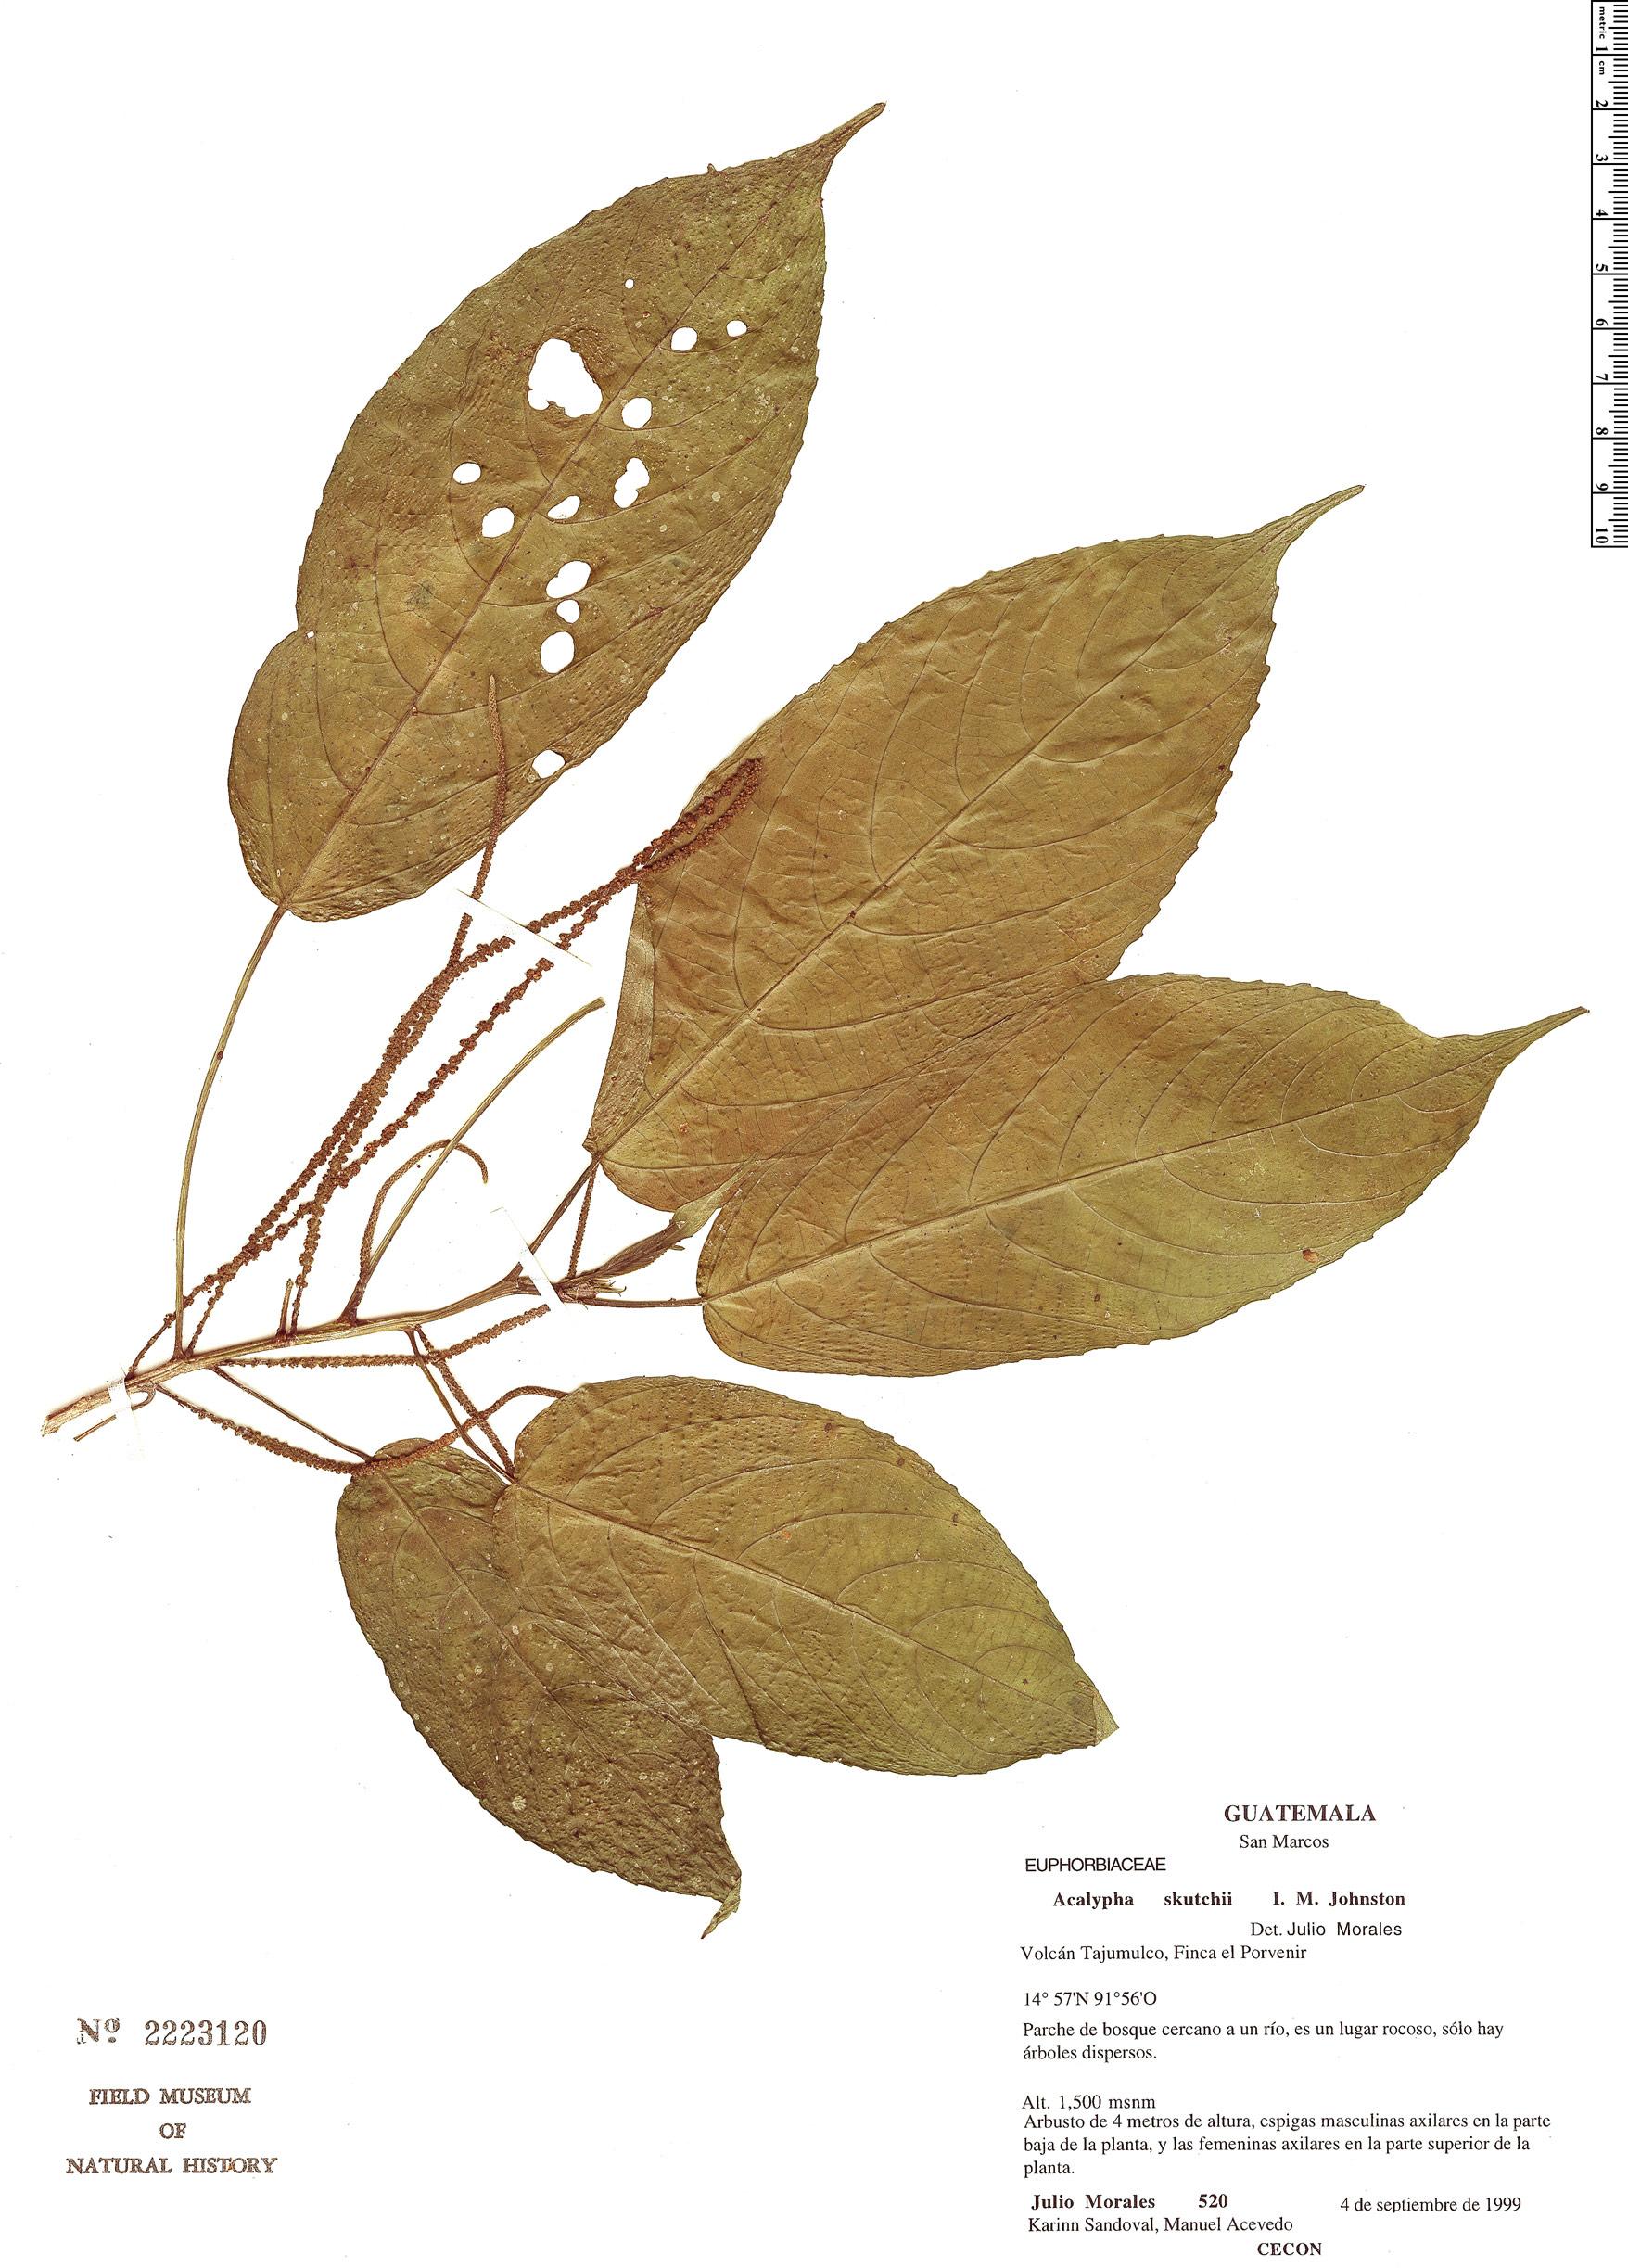 Specimen: Acalypha skutchii